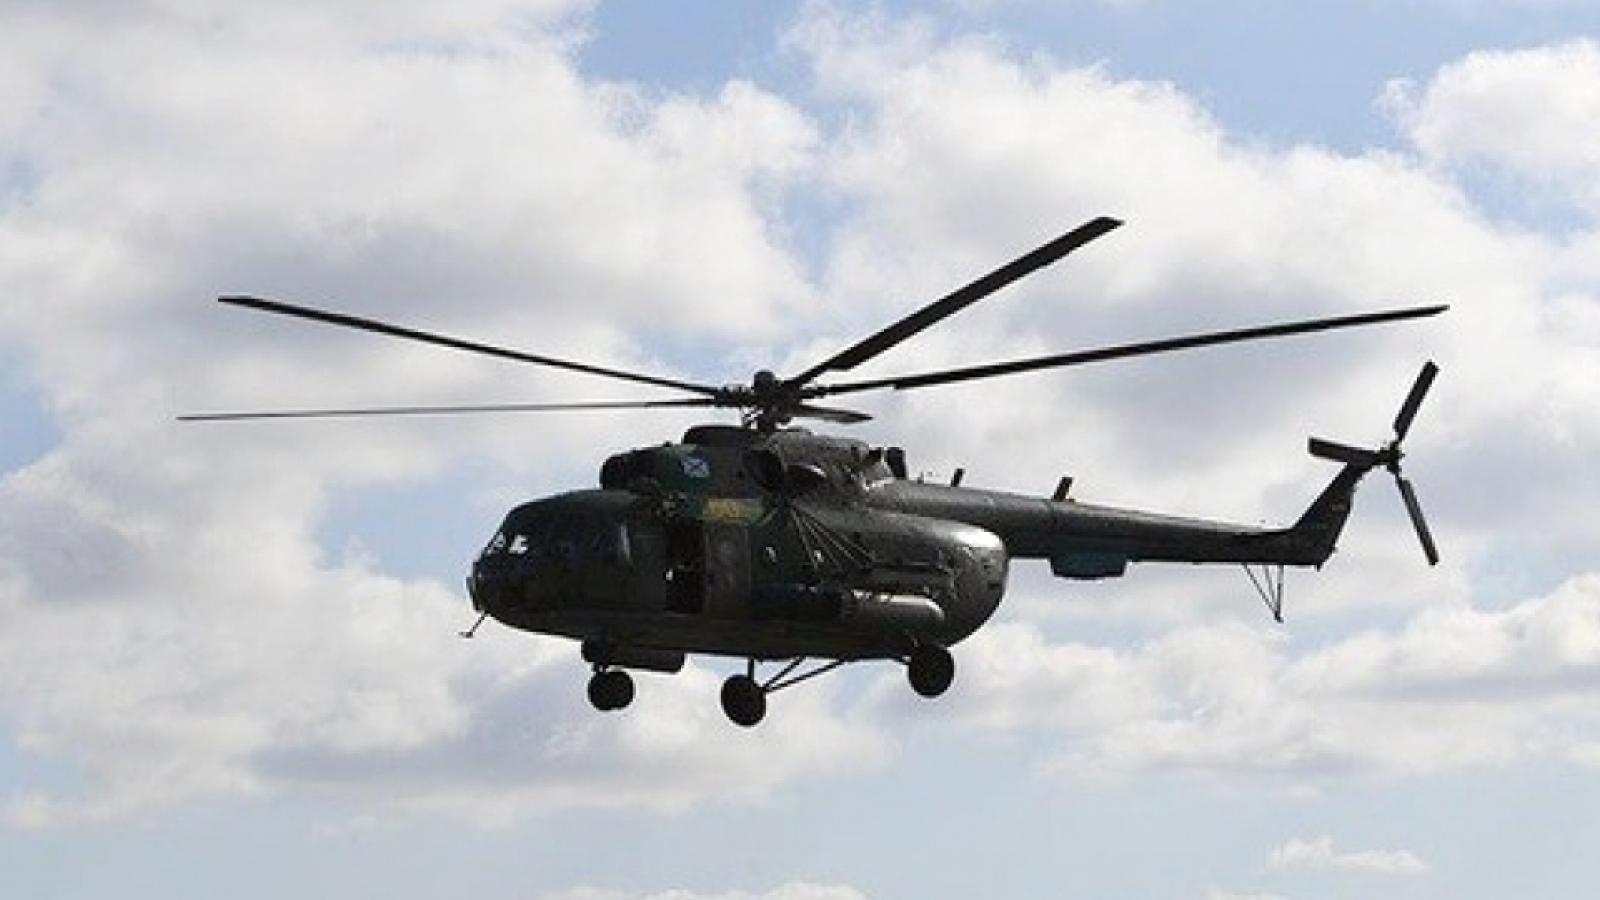 Rơi trực thăng quân sự làm 7 người thiệt mạng ở Philippines